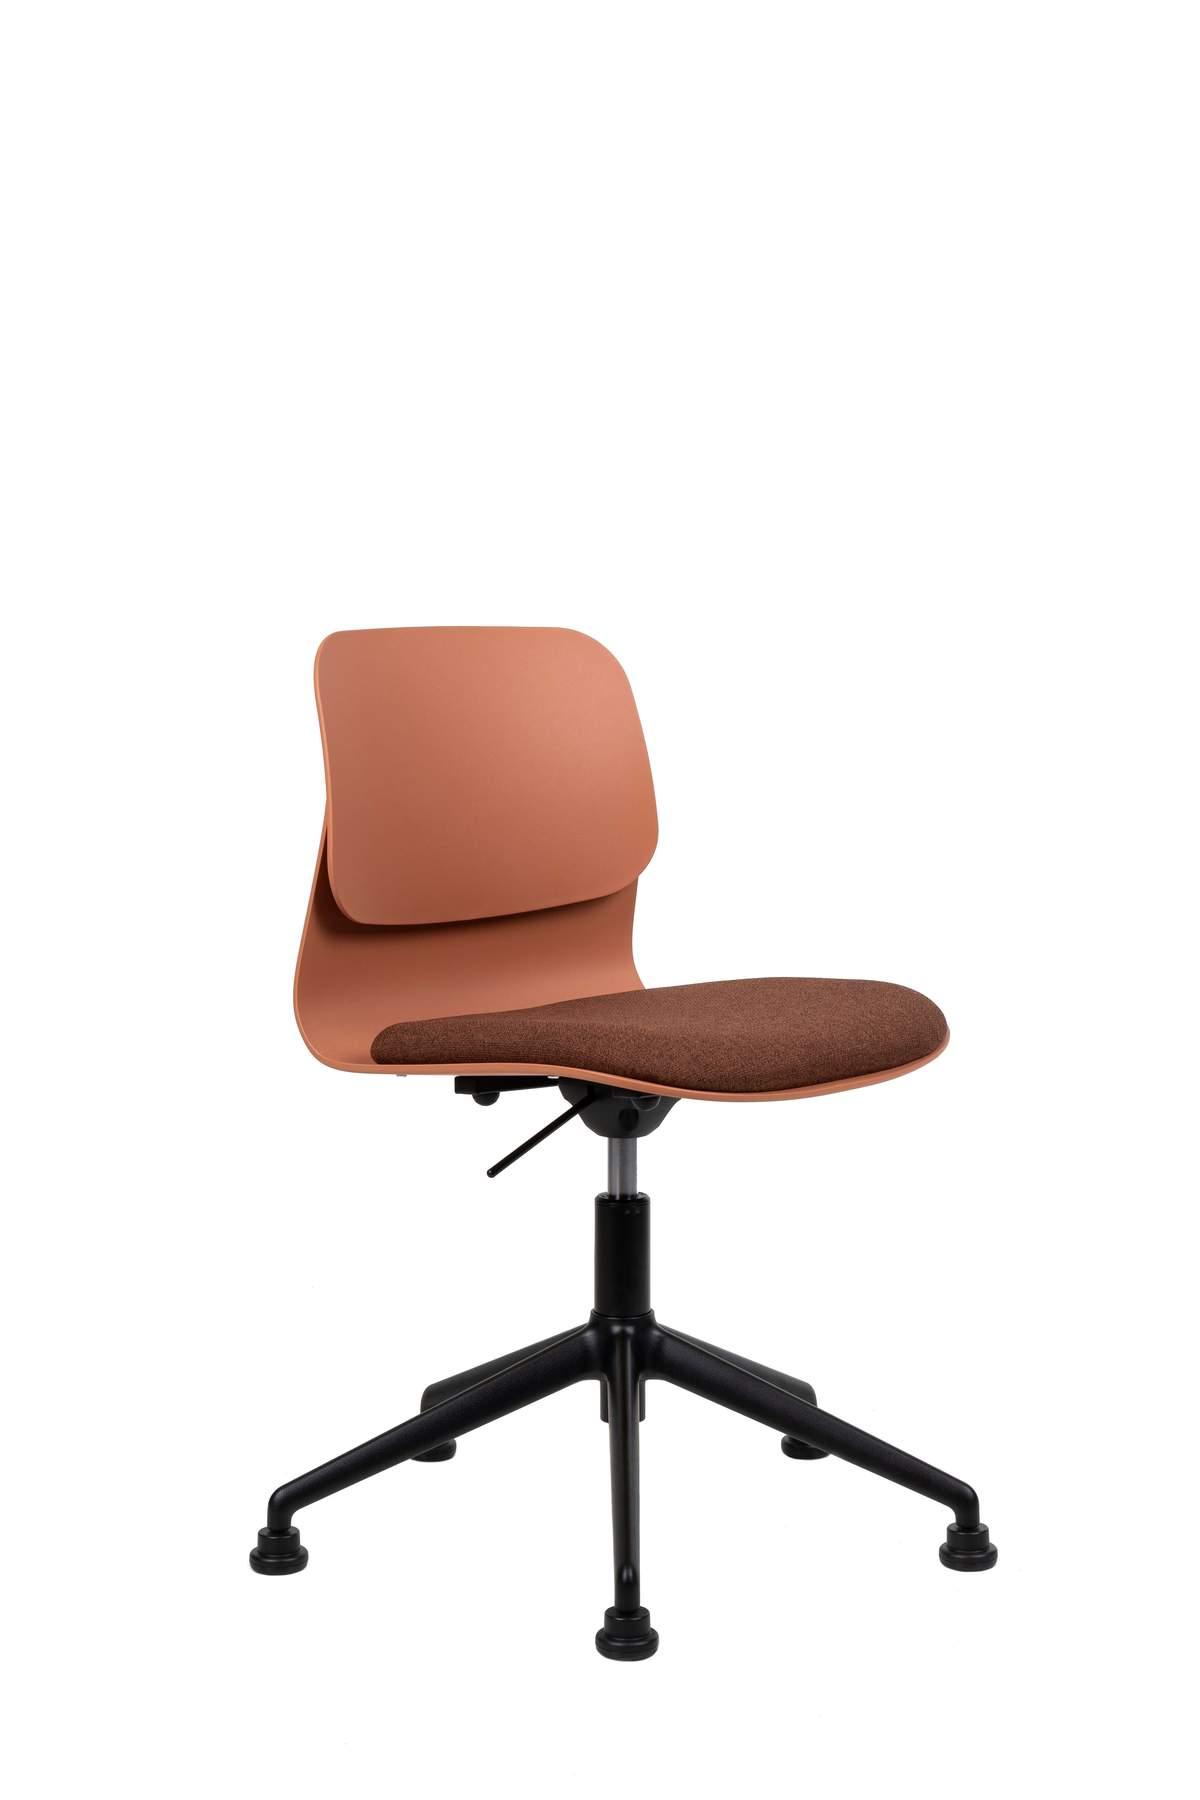 Chaise de bureau design terracottta pivotante sur roulettes